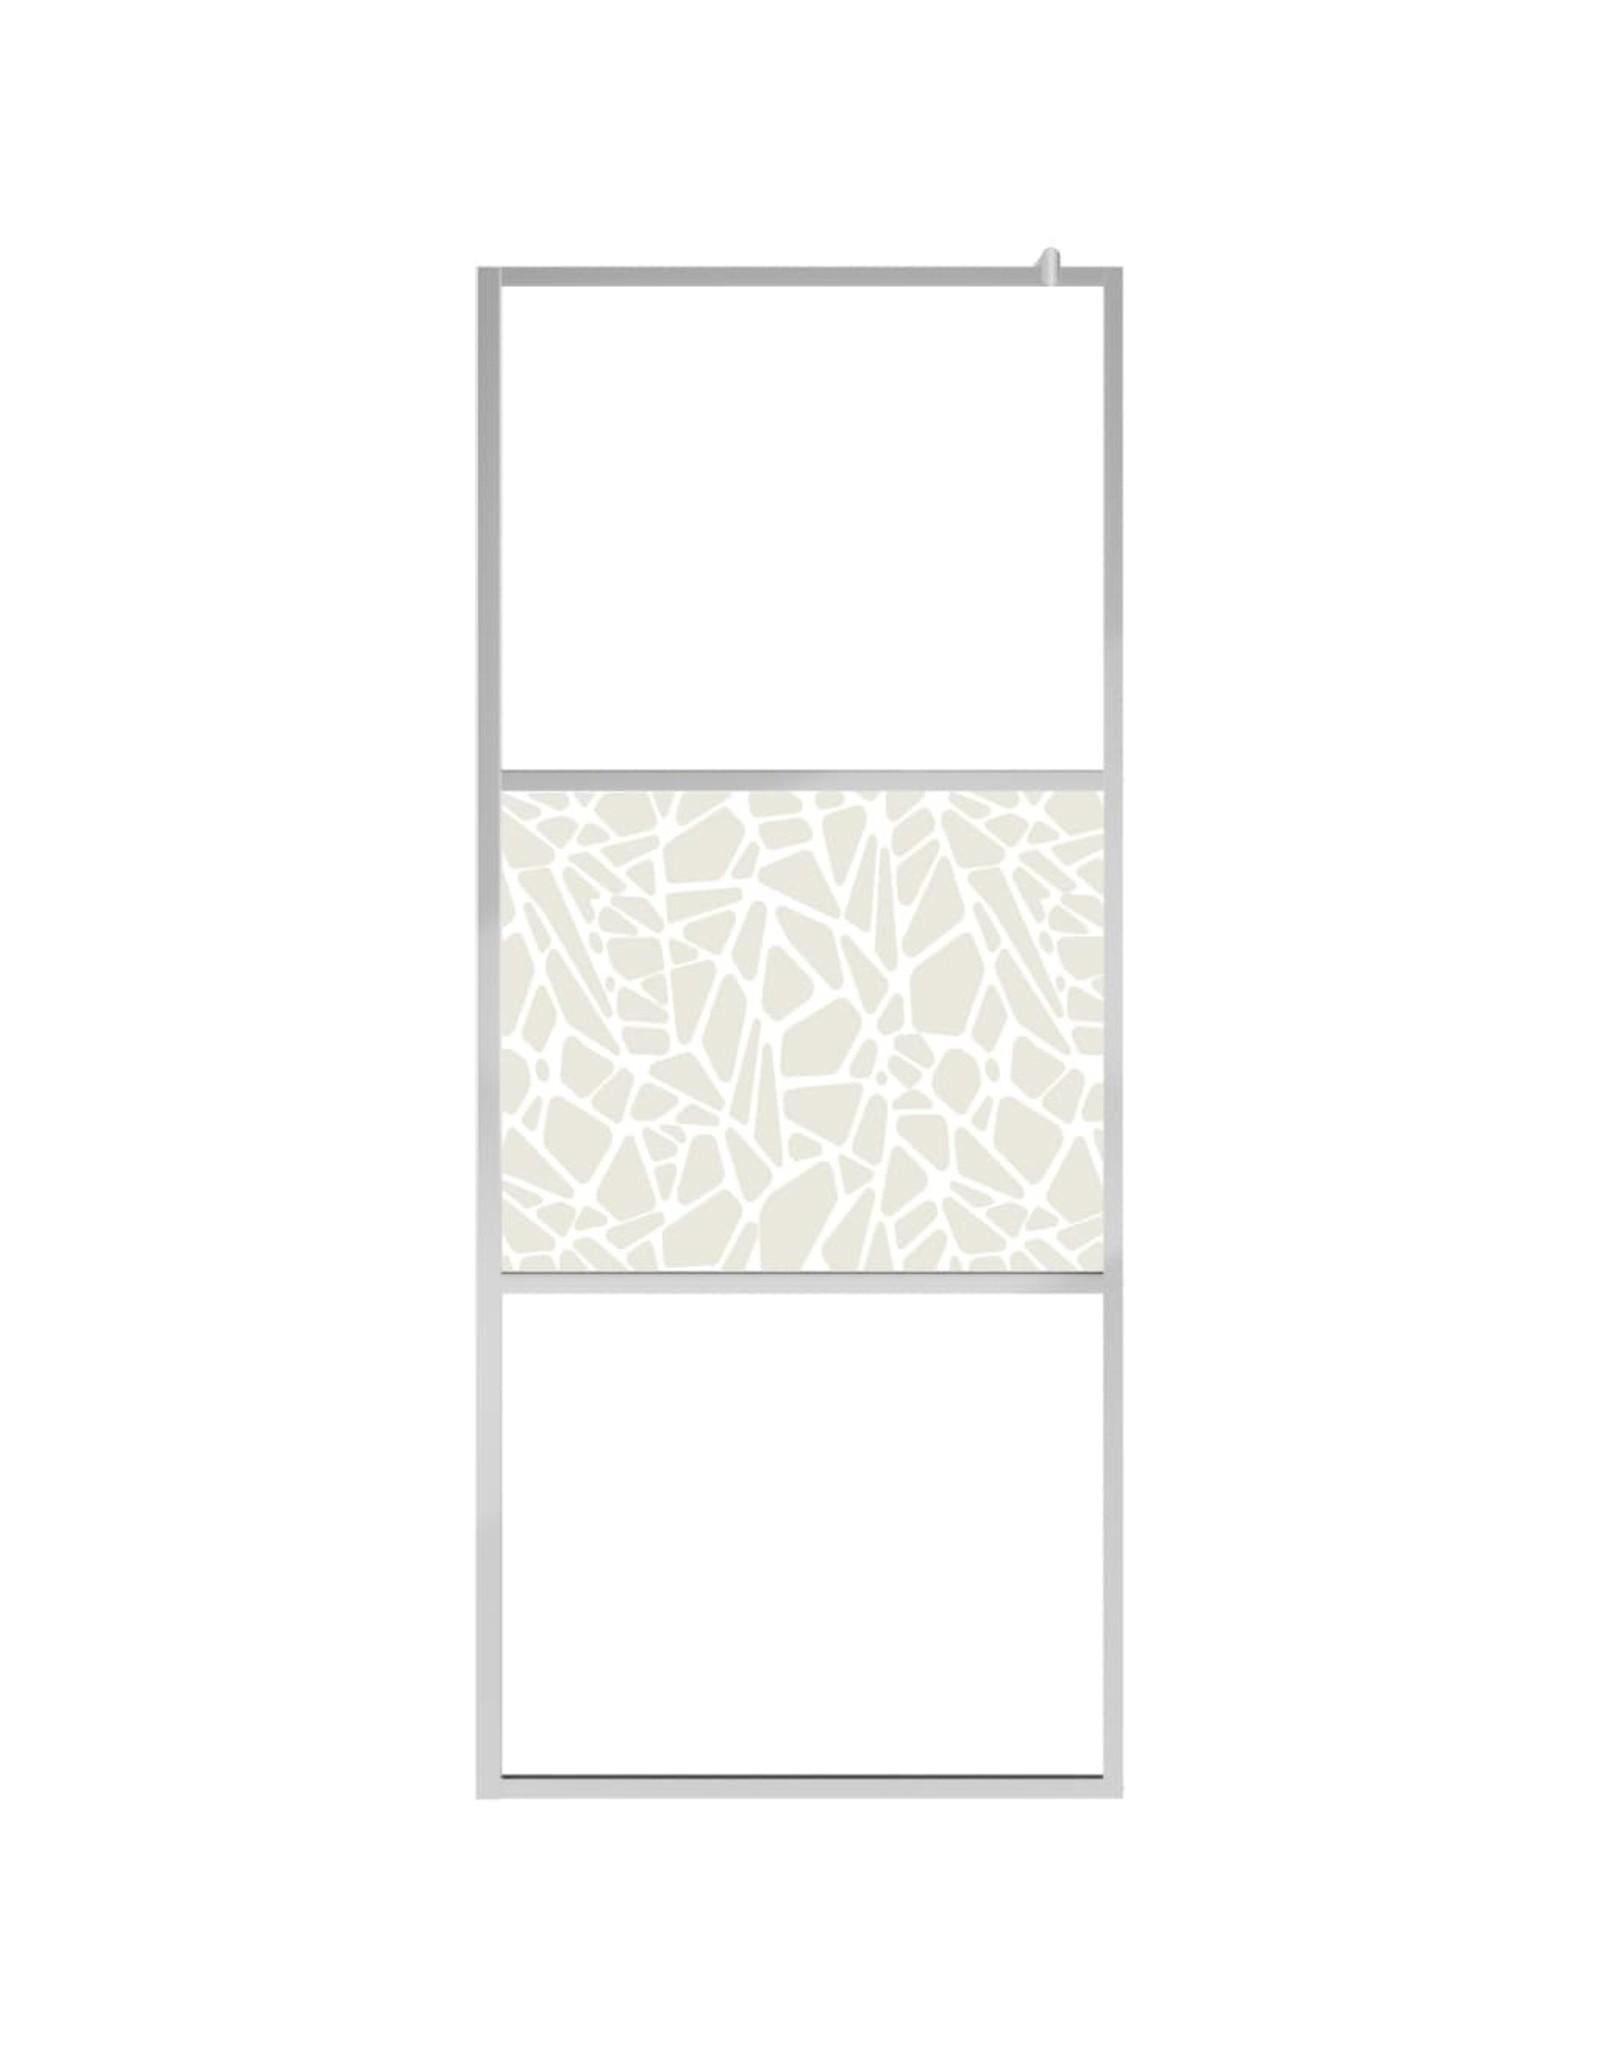 Inloopdouchewand met stenenmotief 90x195 cm ESG-glas